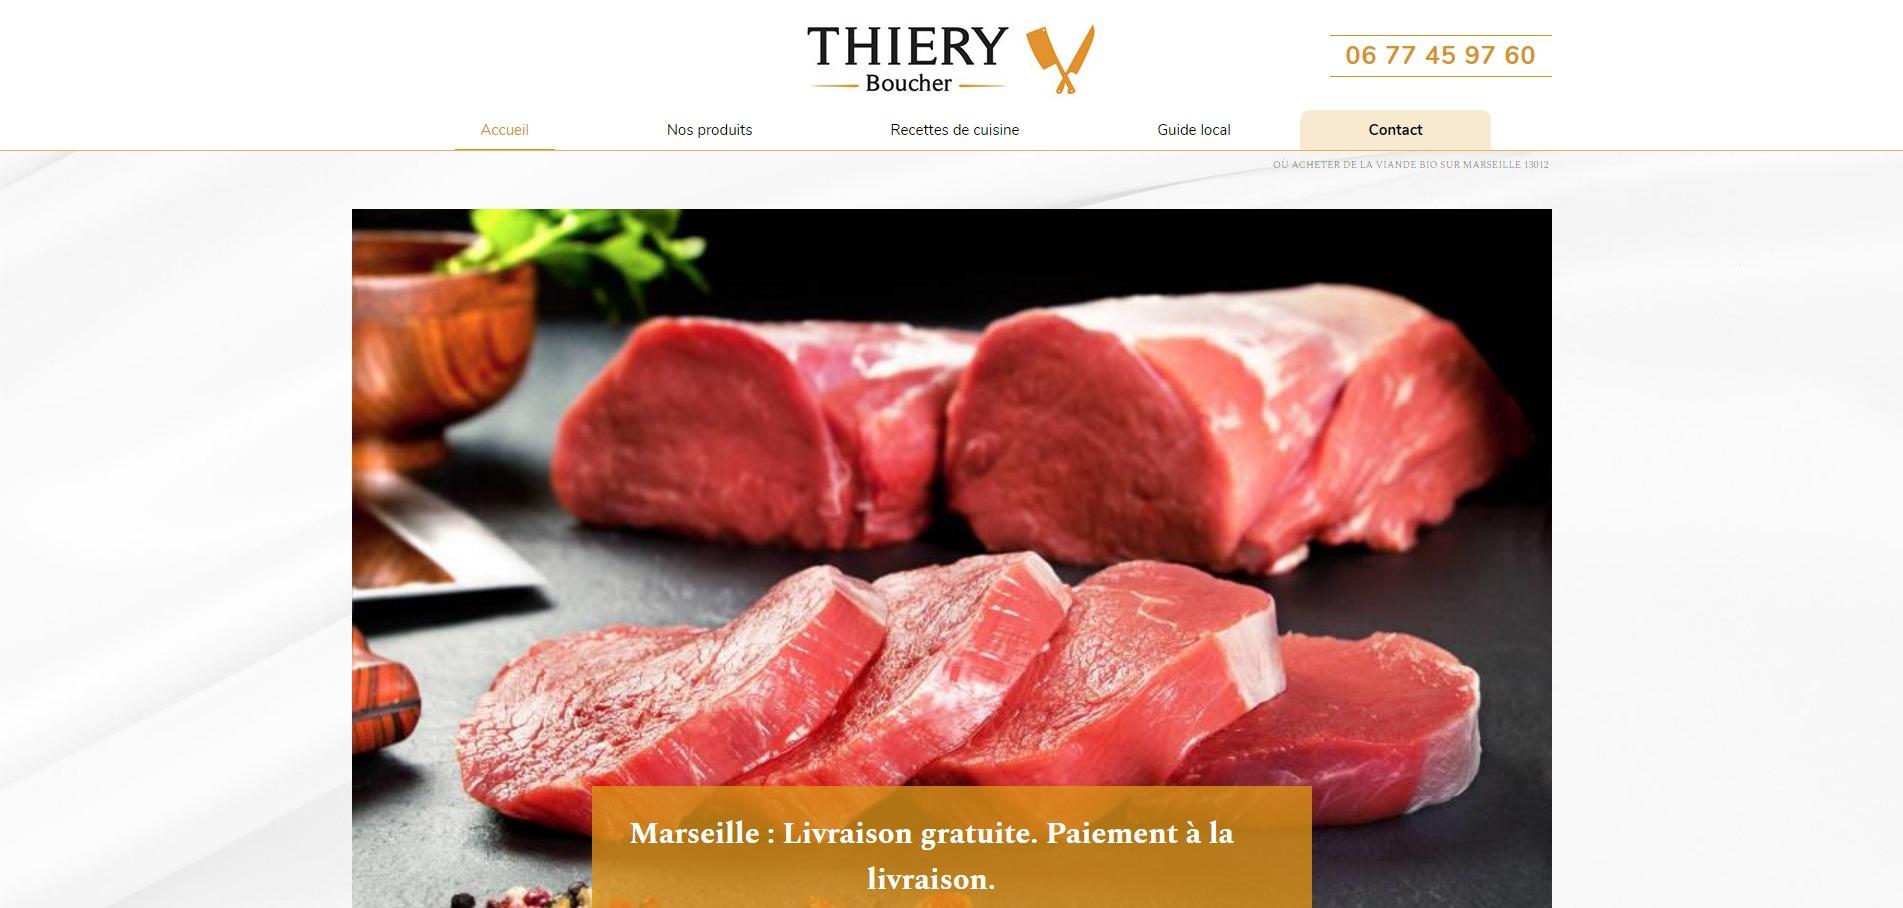 5133fe0cd86 Viandes bio françaises et conserves faites maison sur Marseille - Boucherie  Thiery